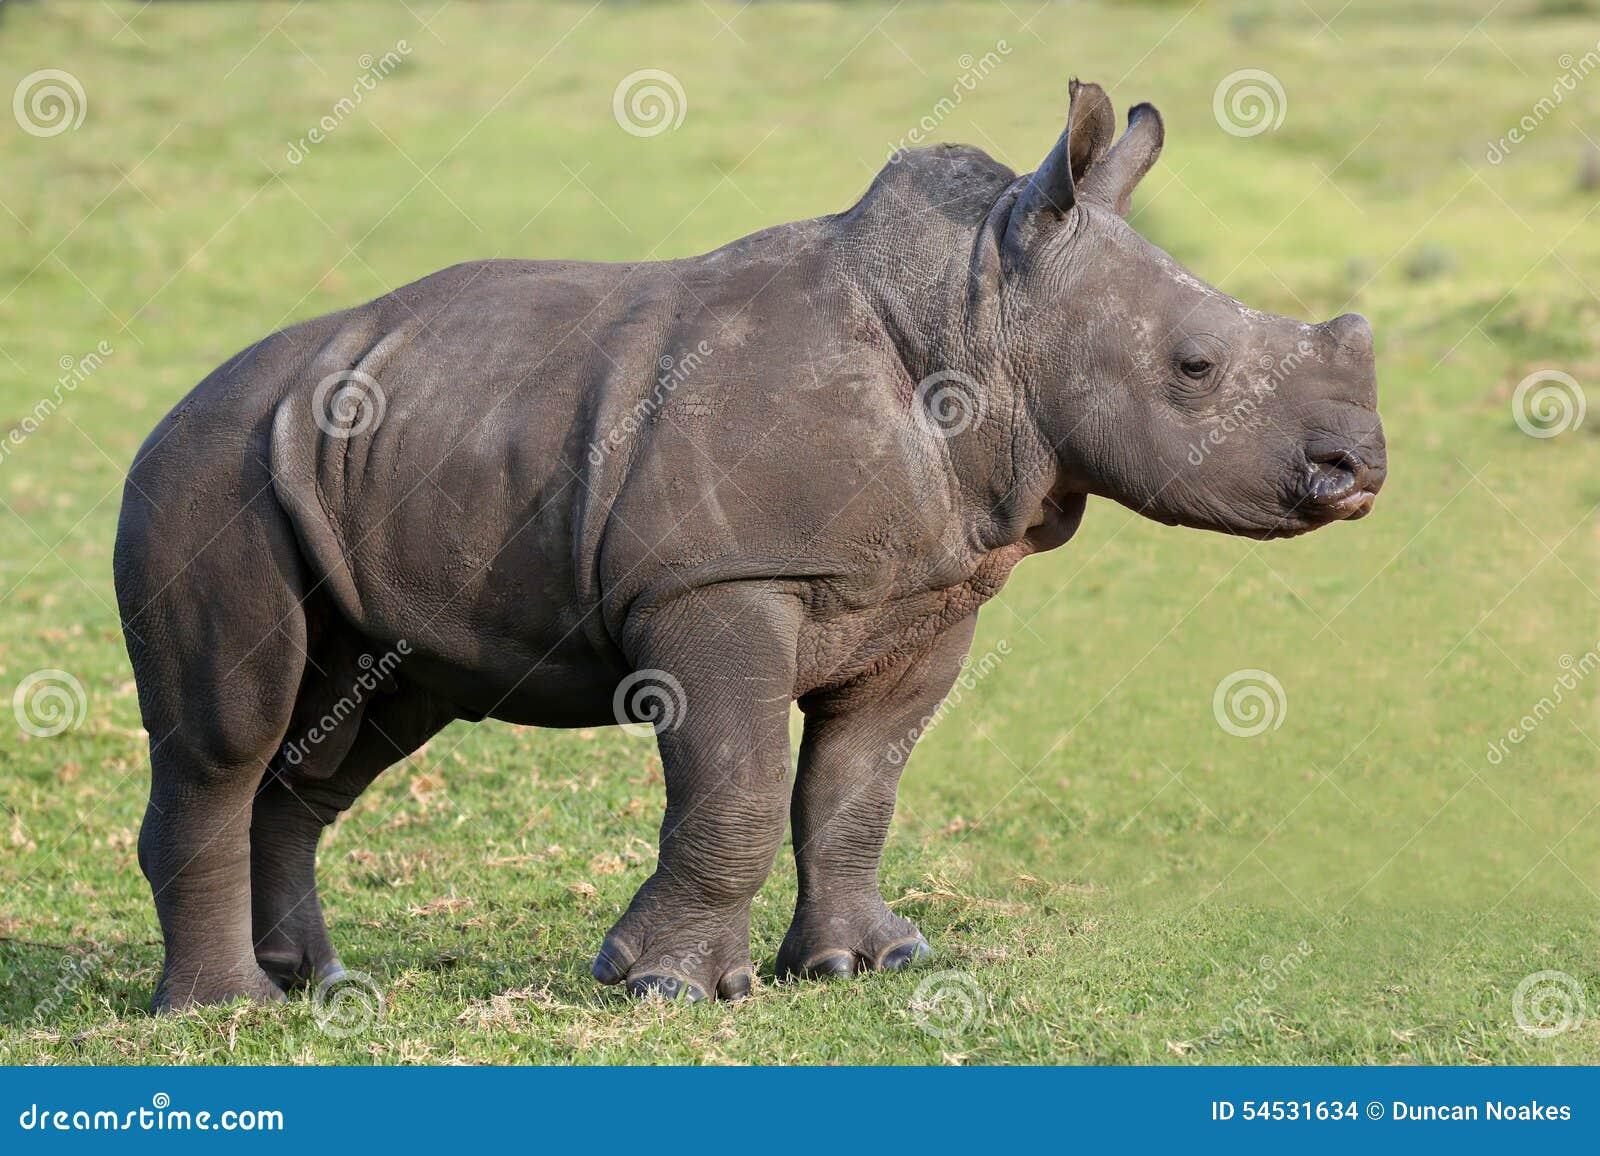 Cute Baby White Rhino